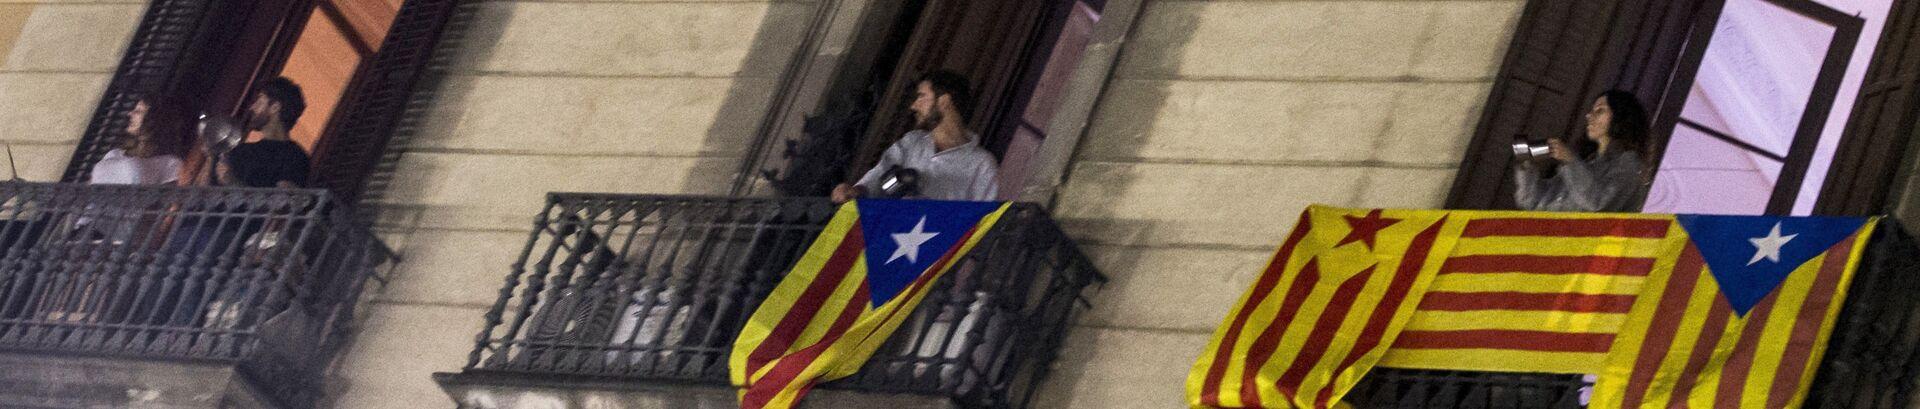 71b2c63916 Separatistas hacen ruido con cacerolas desde sus casas